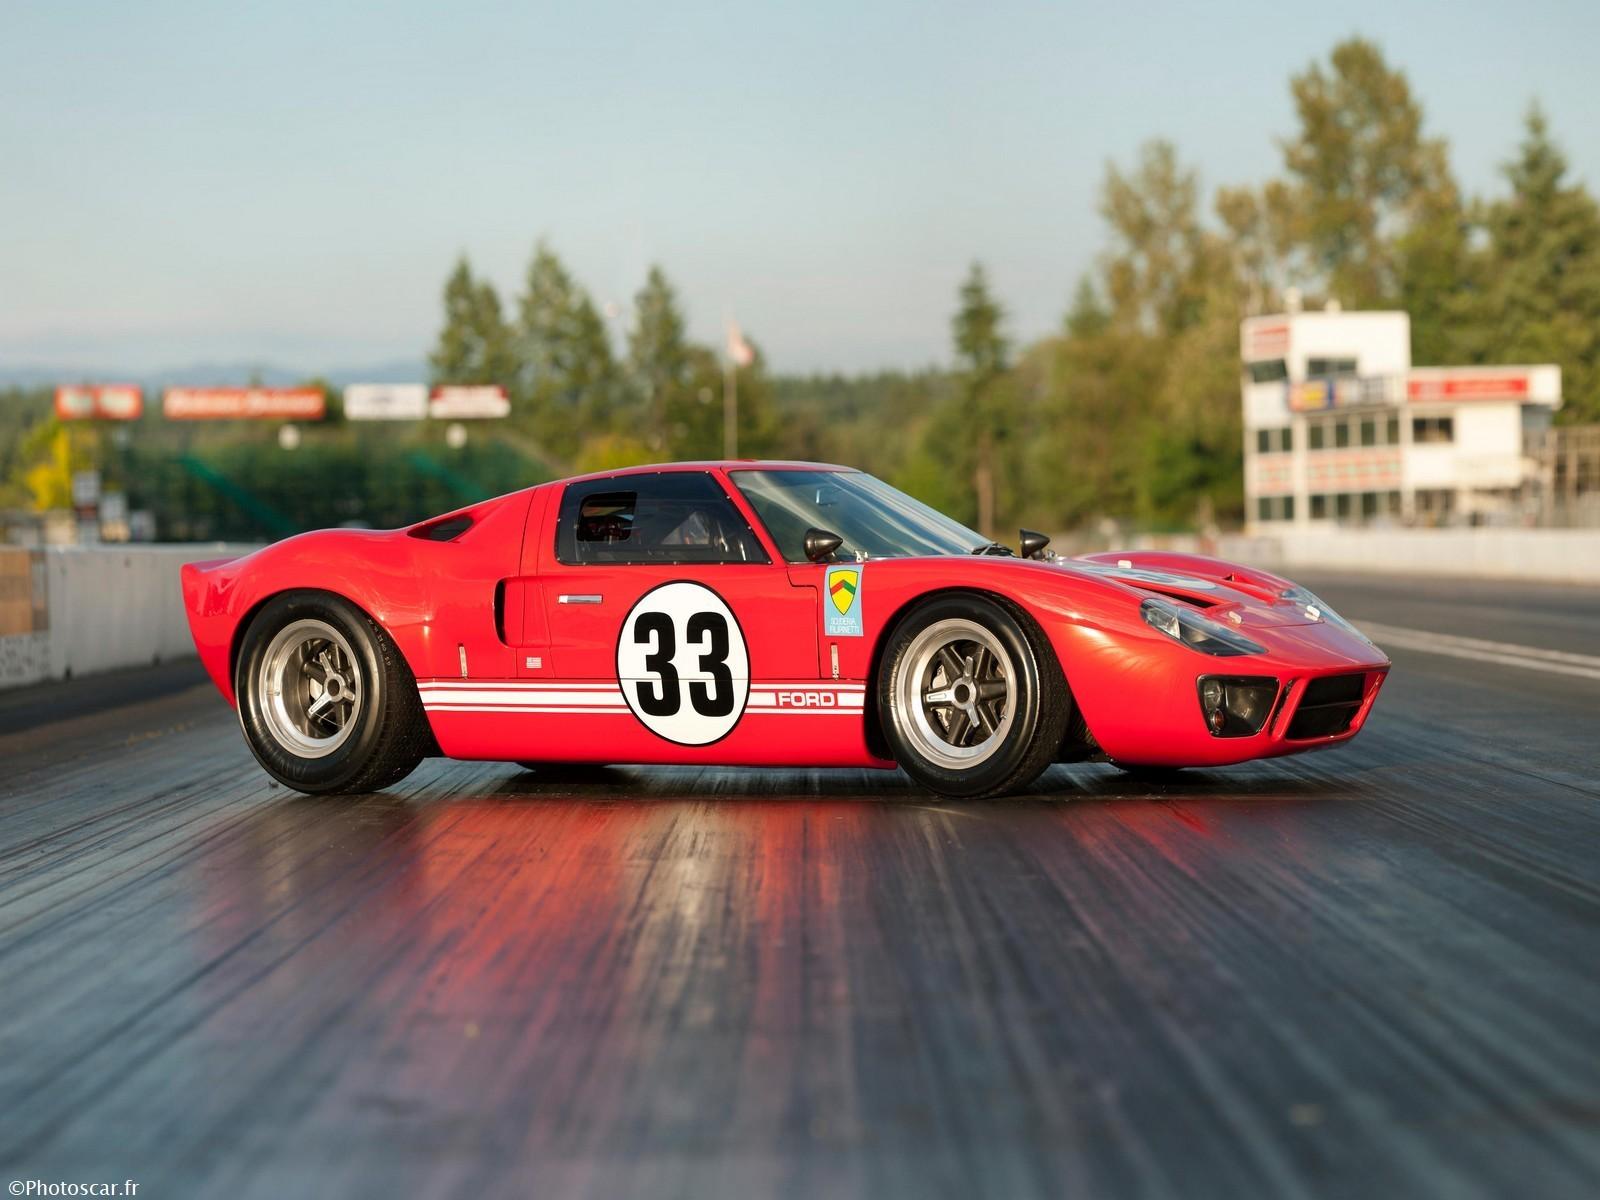 Ford GT40 (1033) Race Car 1966